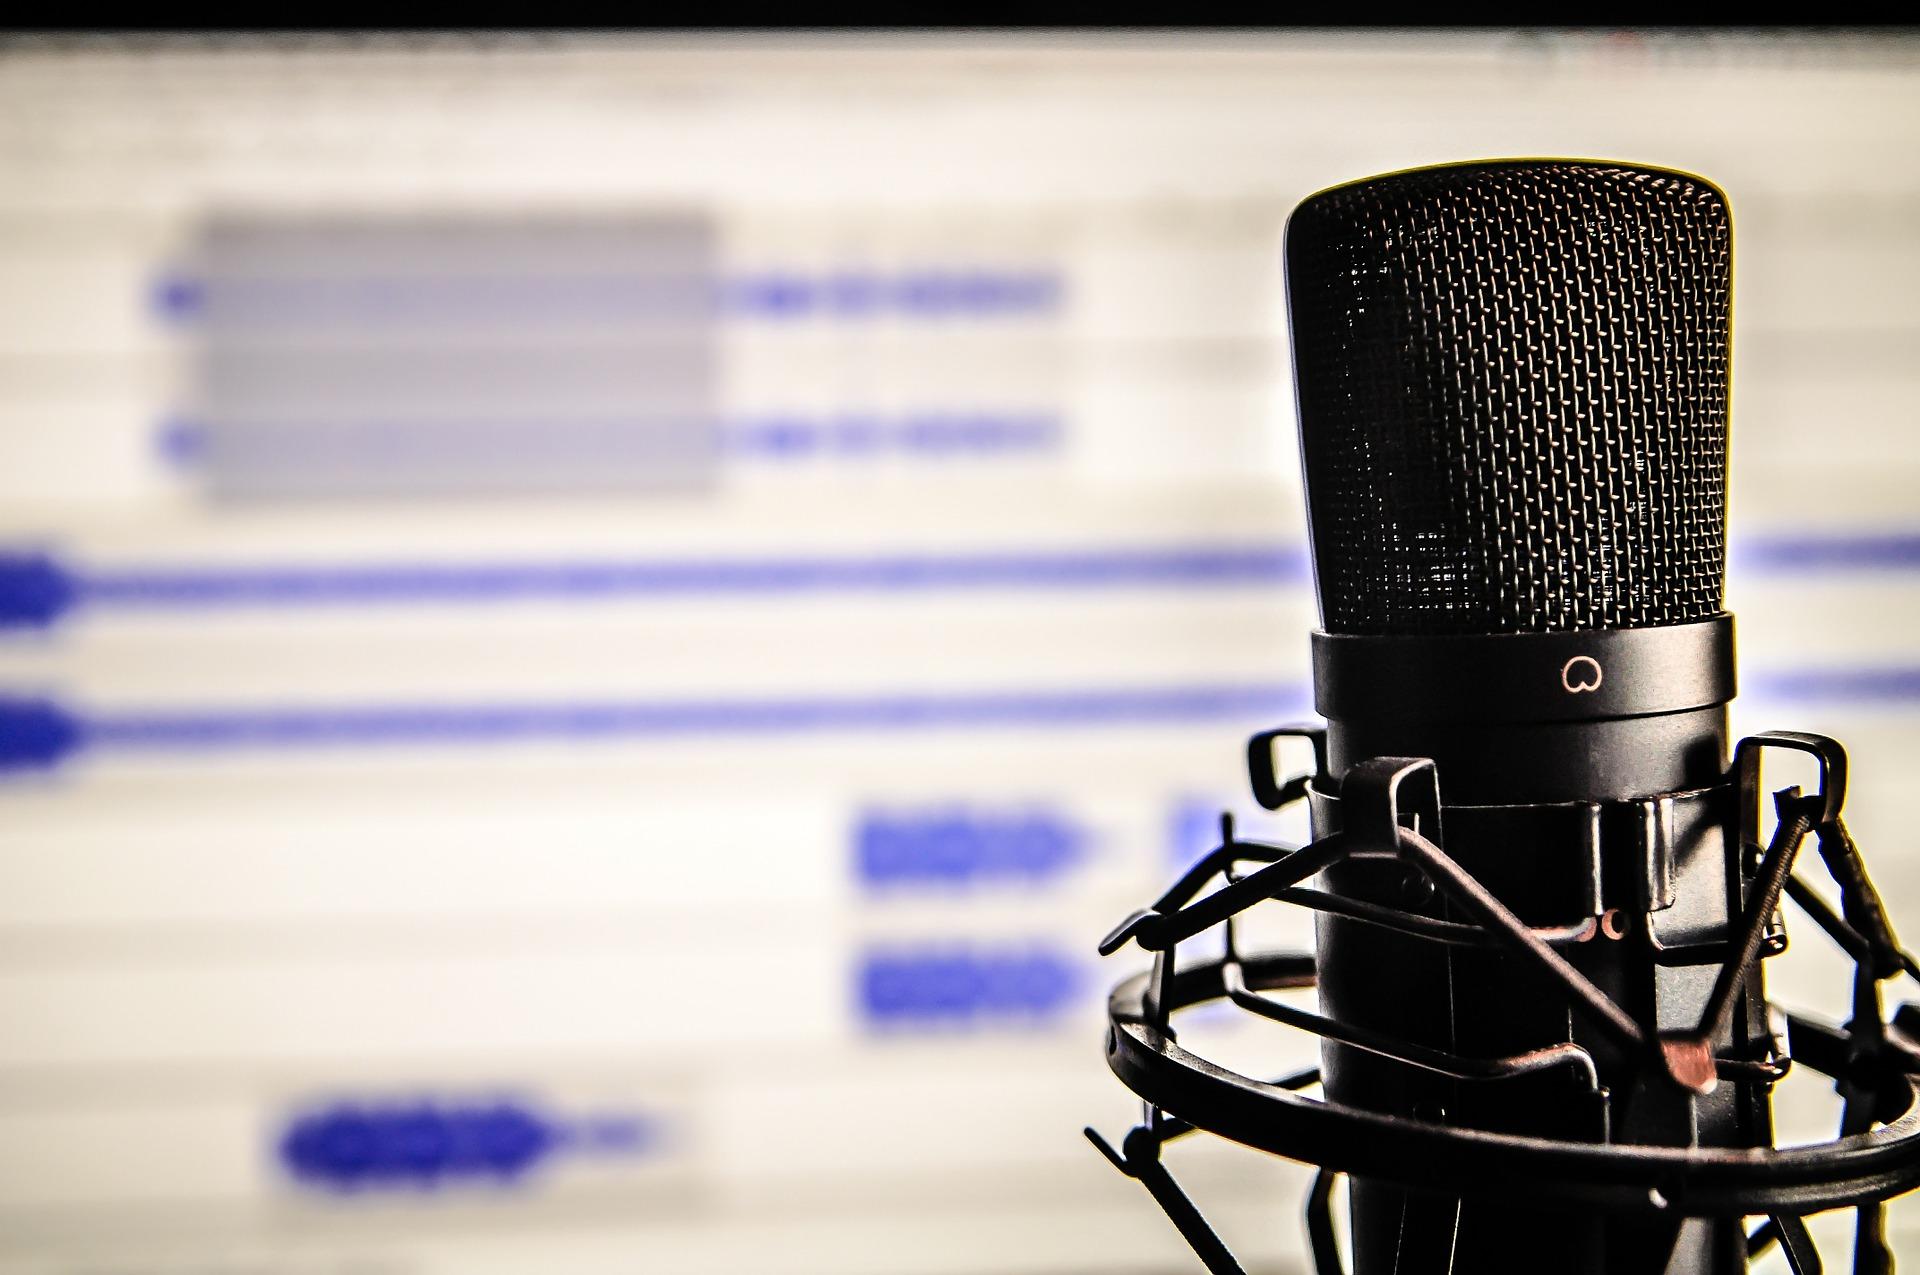 microphone-ga38d7f219_1920